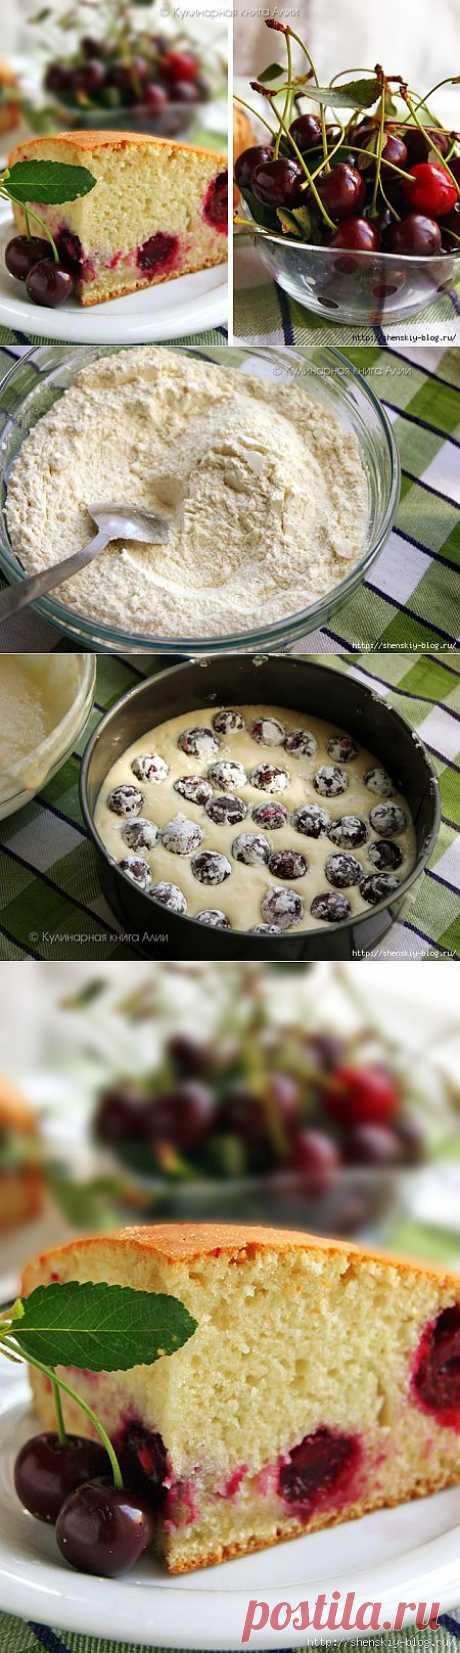 Пирог с вишней на минералке - такой вы еще не пробовали!.